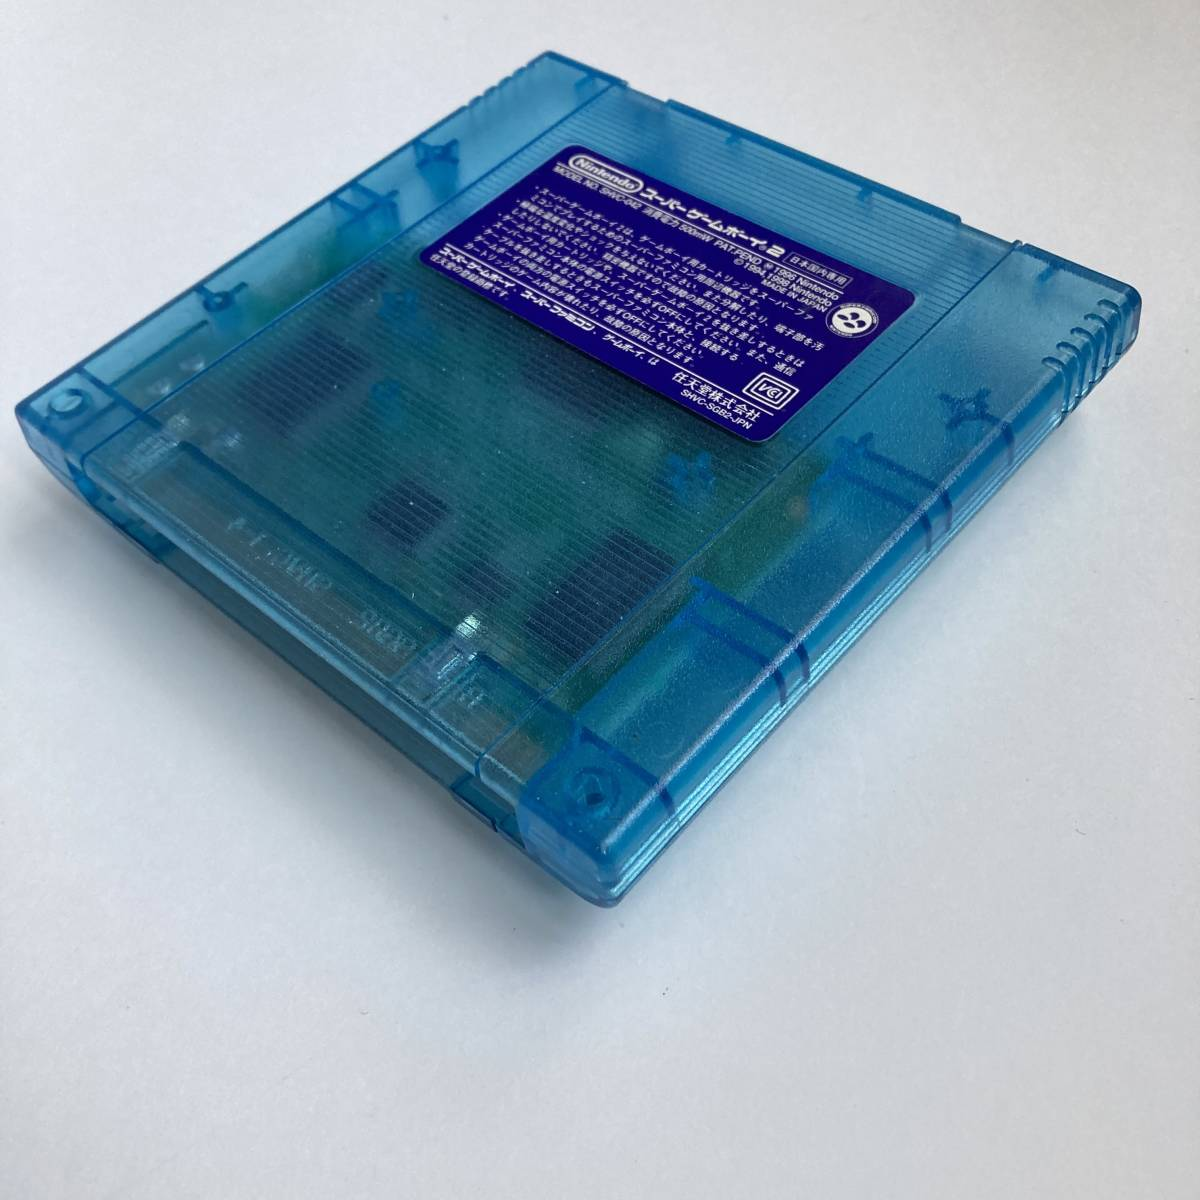 任天堂 スーパーファミコン用 スーパーゲームボーイ2 箱・説なし / Super GameBoy 2 SFC SNES Nintendo GB Game boy Famicom Japan Tested